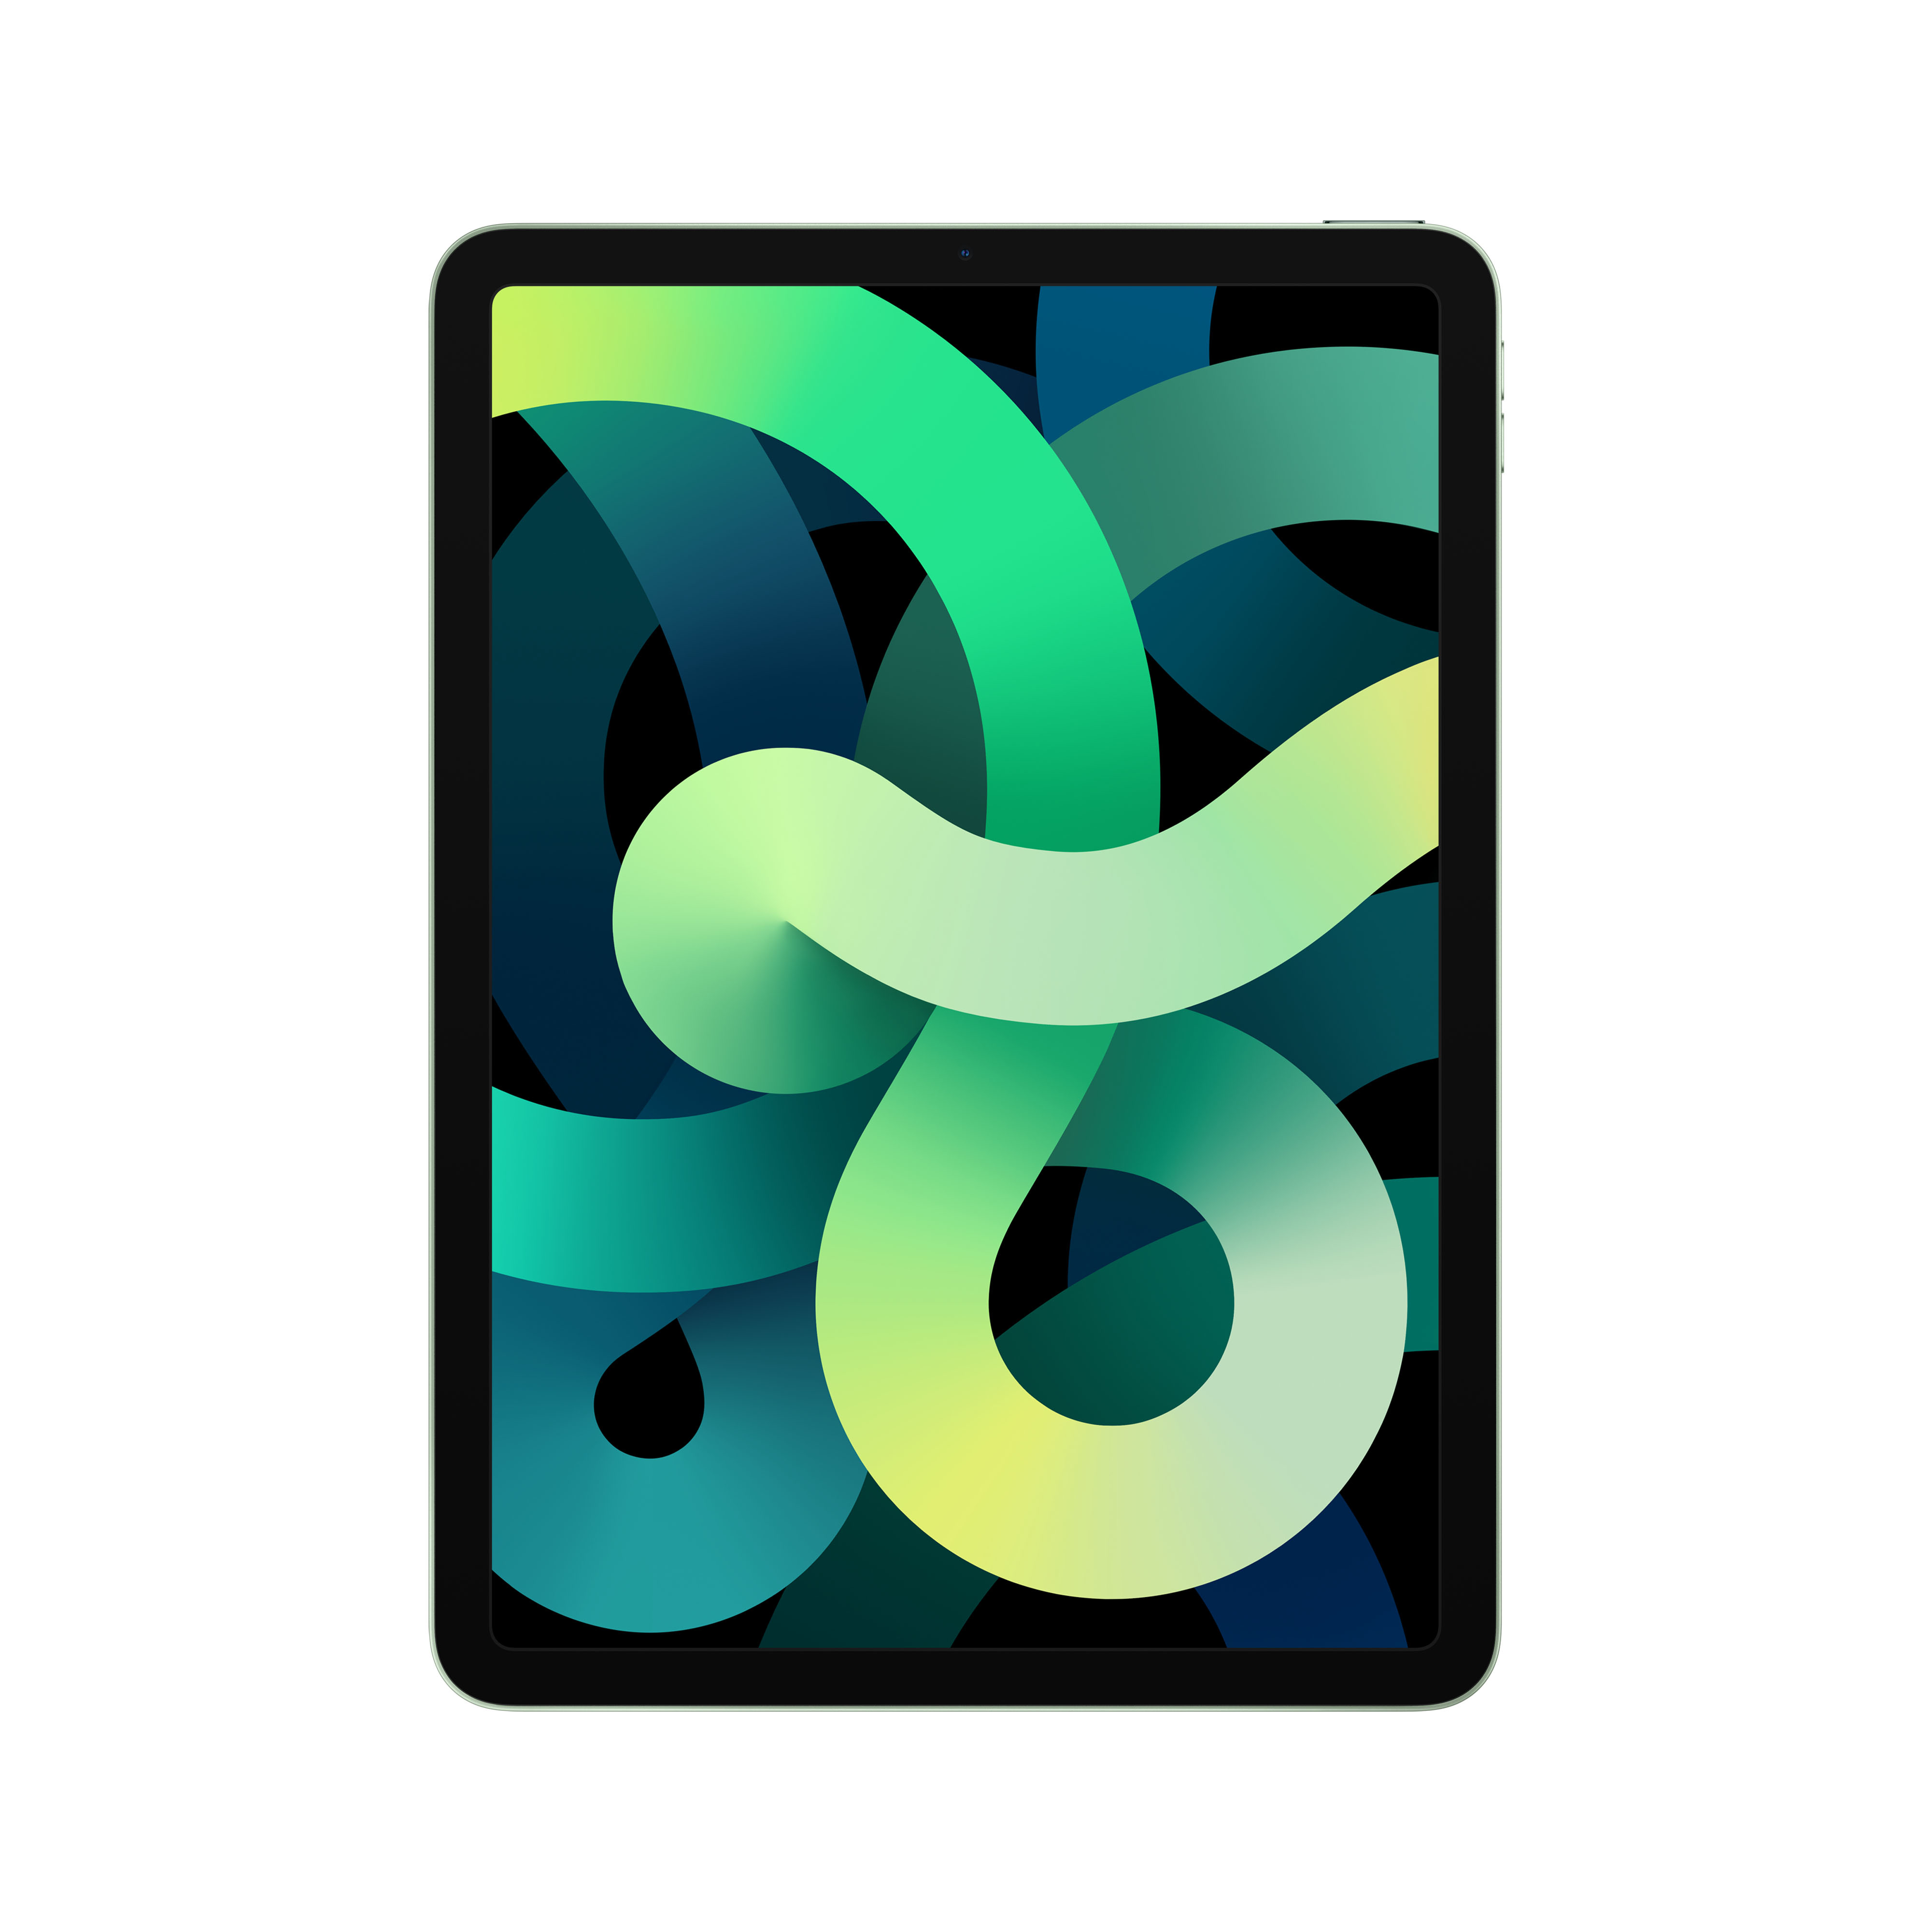 Apple iPad Air - Green Myfr2ty/a